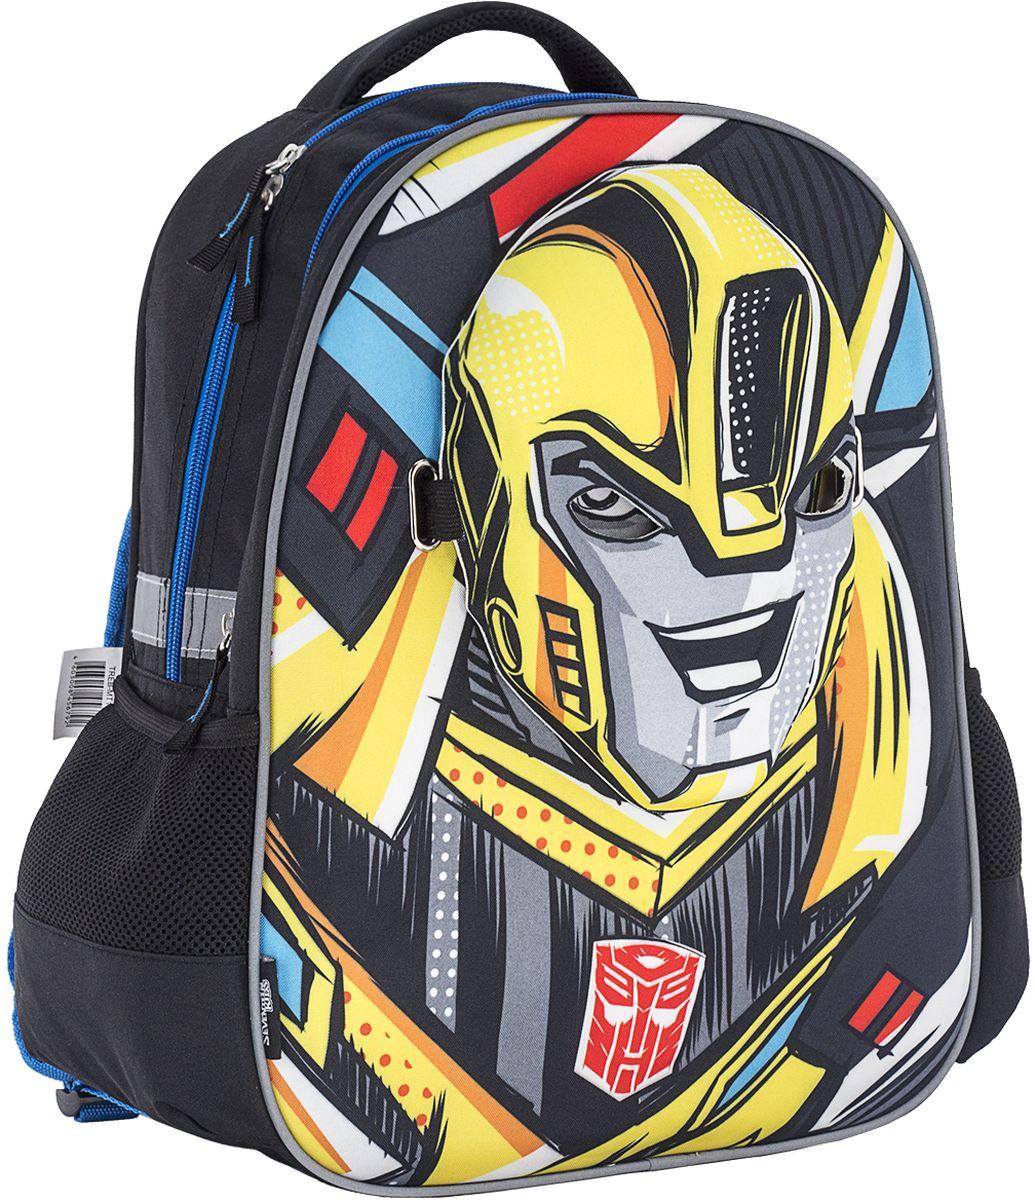 Transformers Ранец школьный Prime TREB-MT1-15772523WDРюкзак мягкий, с двумя отделениями на молнии, по бокам карманы-сетки. Лямки S-образной формы свободно регулируются по длине. На передней панели 3D маска. Размер 40 х 29 х 13,5 см.